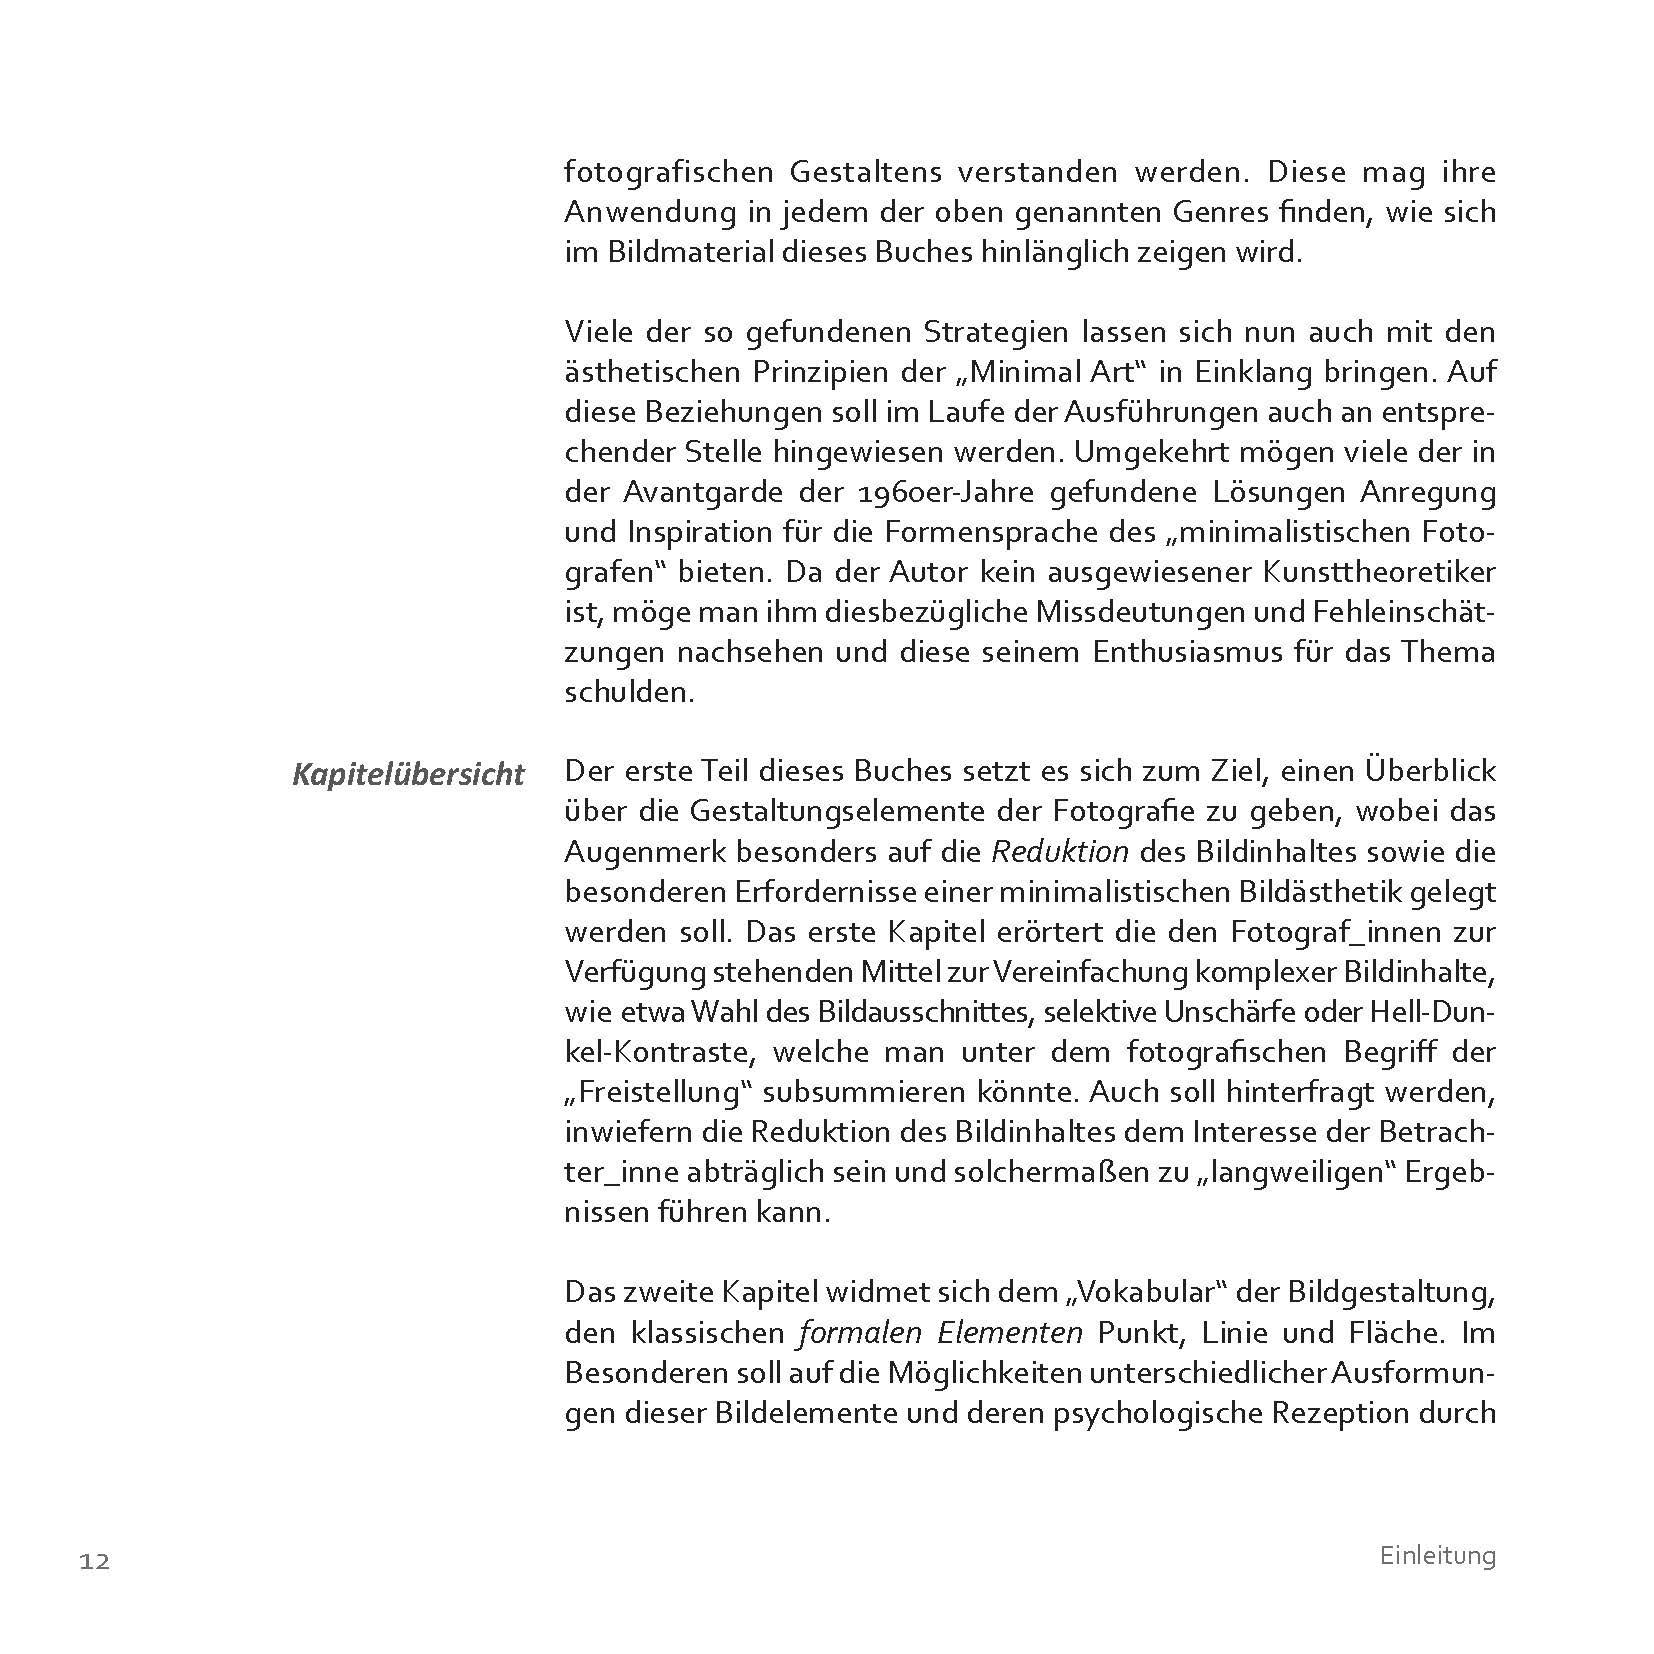 diplomarbeit-rnadrchal_Seite_012.jpg